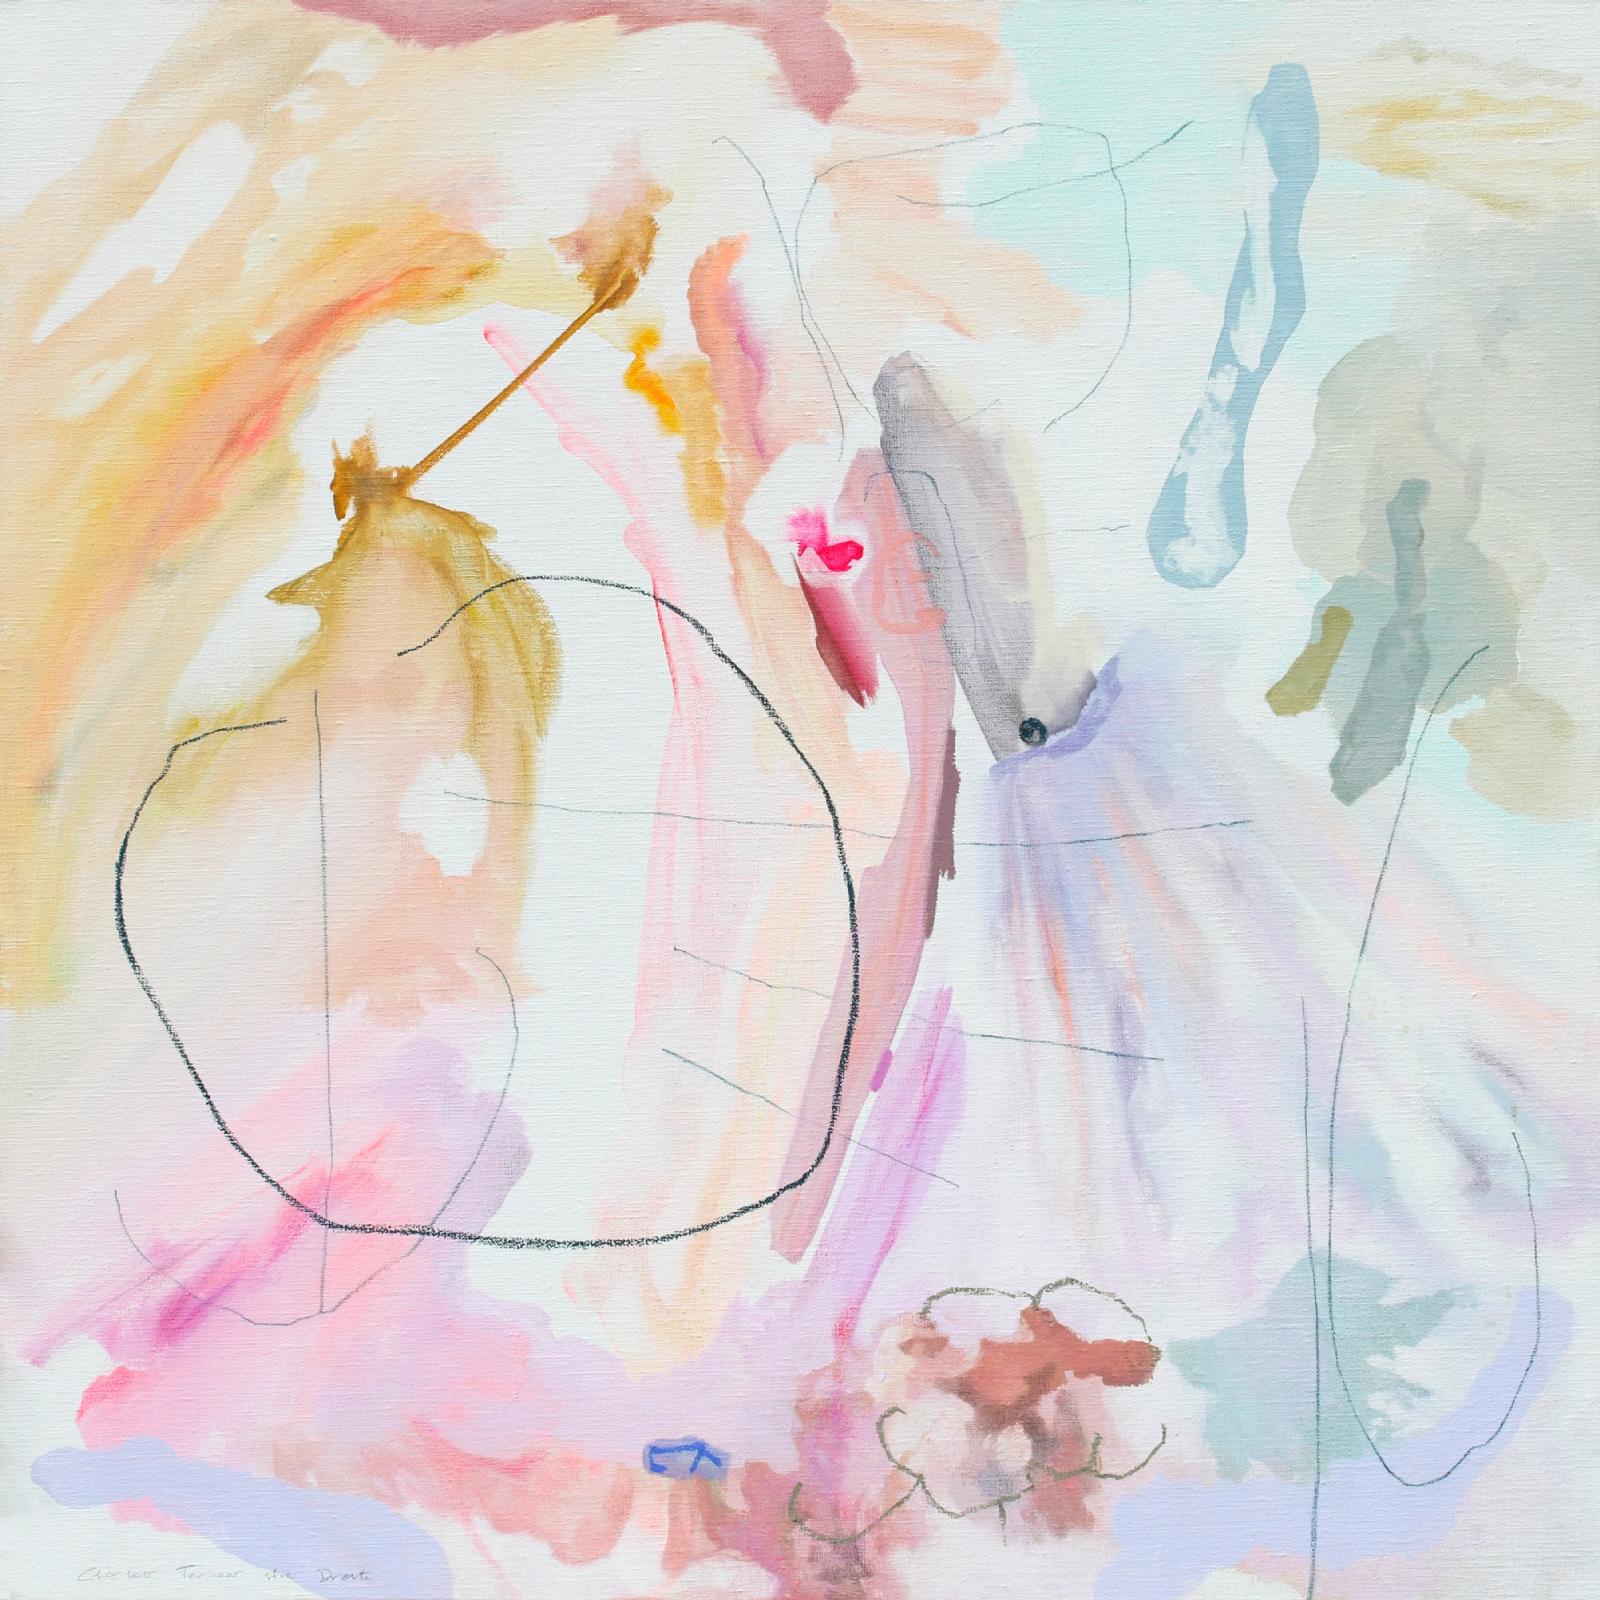 Schilderij #425